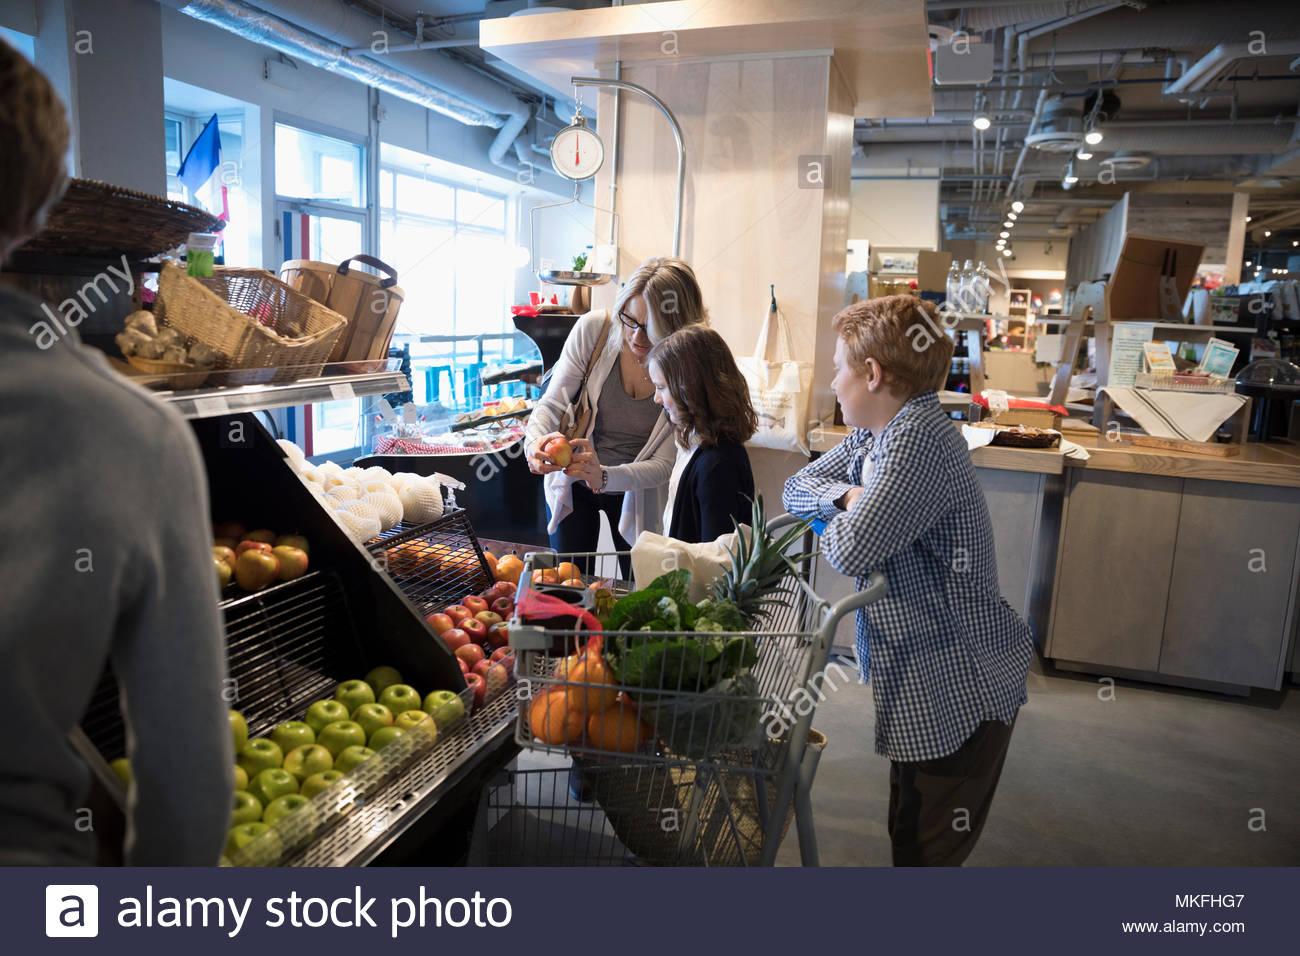 La madre y los hijos compras de supermercado, sacando las manzanas en el mercado Imagen De Stock